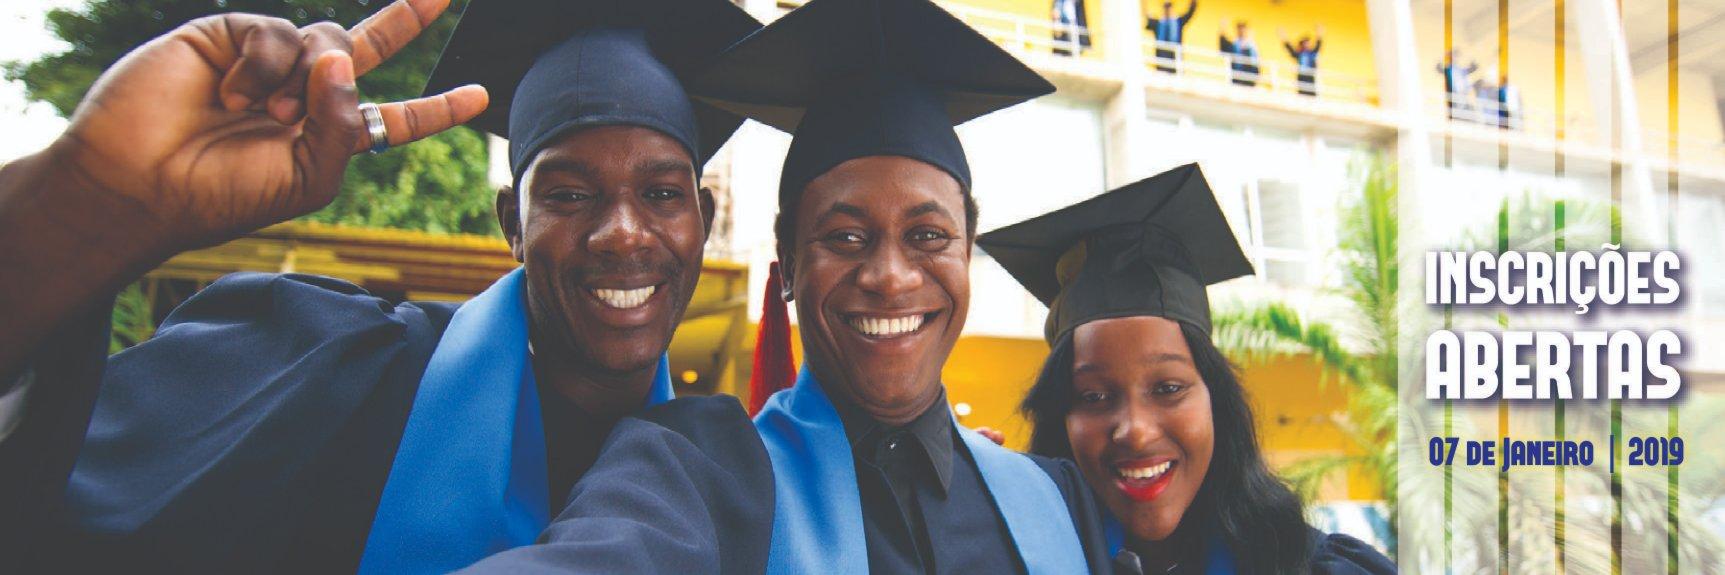 Universidade Lusíada de Angola's official Twitter account